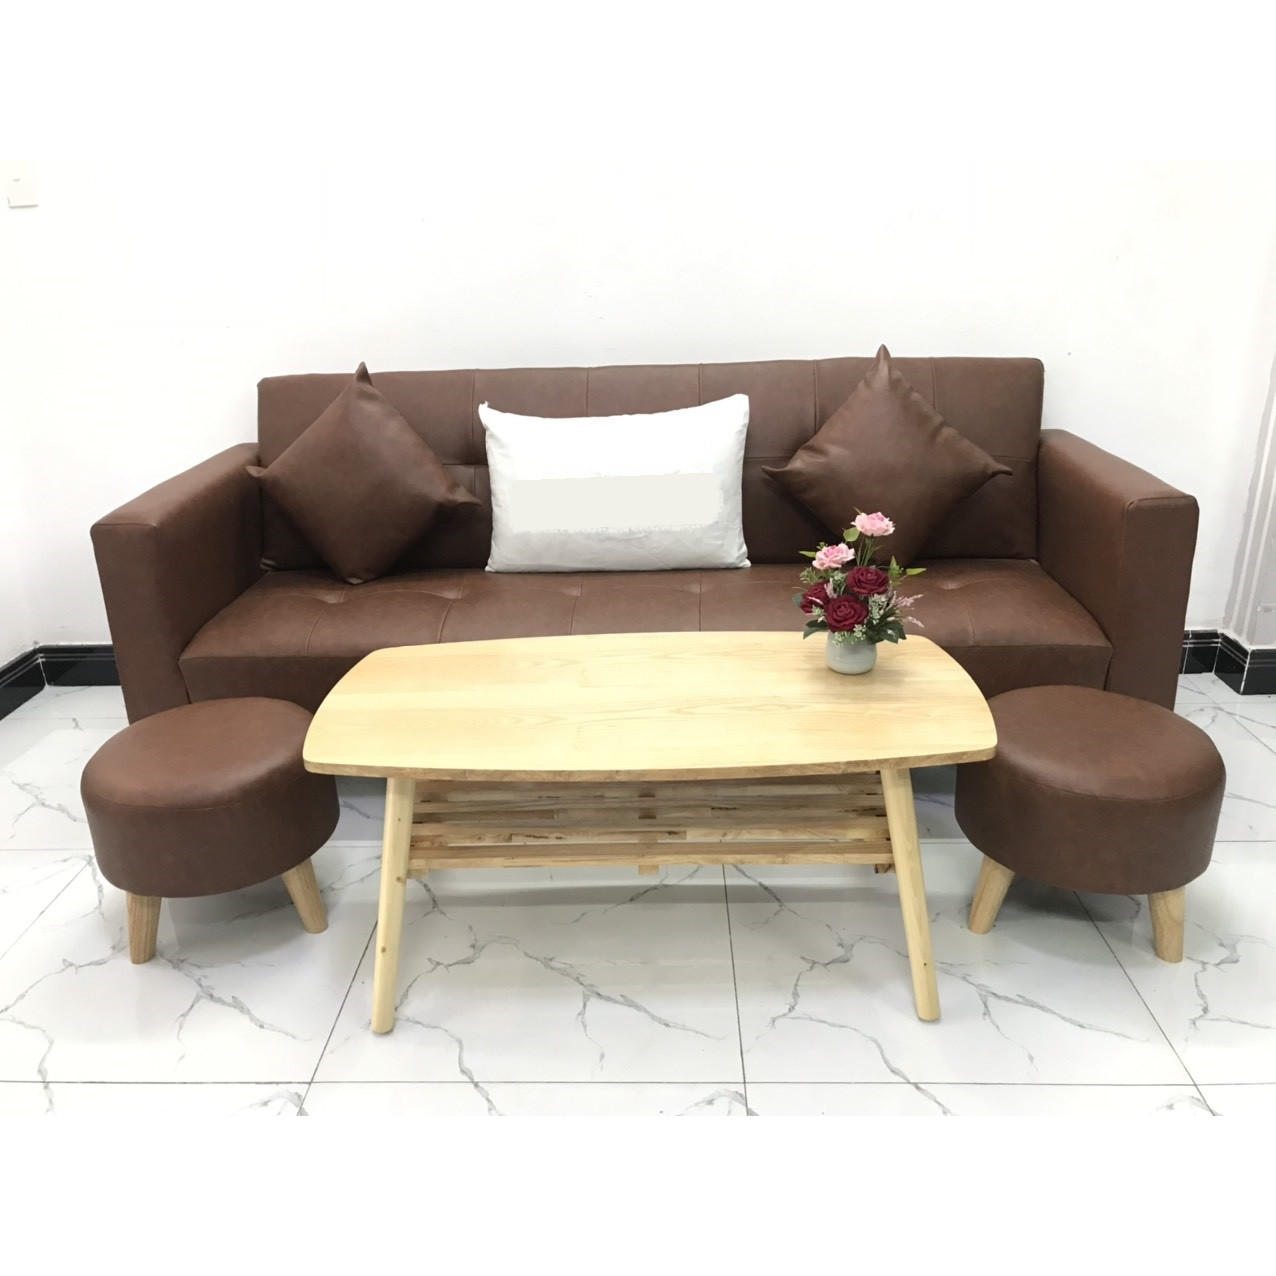 Bộ ghế sofa giường 2mx90 sofa bed tay vịn phòng khách linco8 sopha